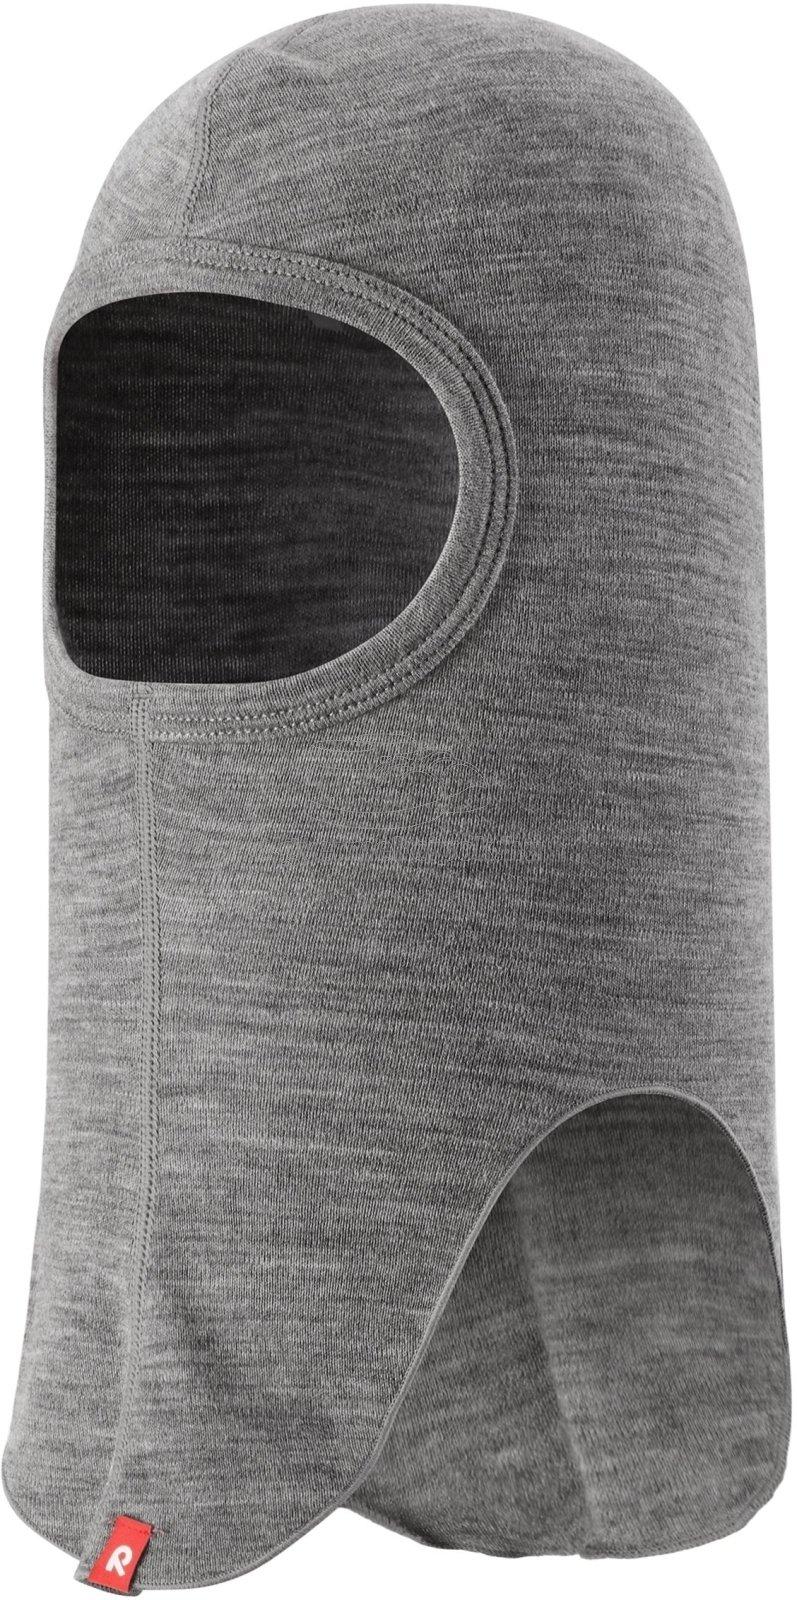 Téli gyerek kámzsa Reima 528617-9400 melange grey